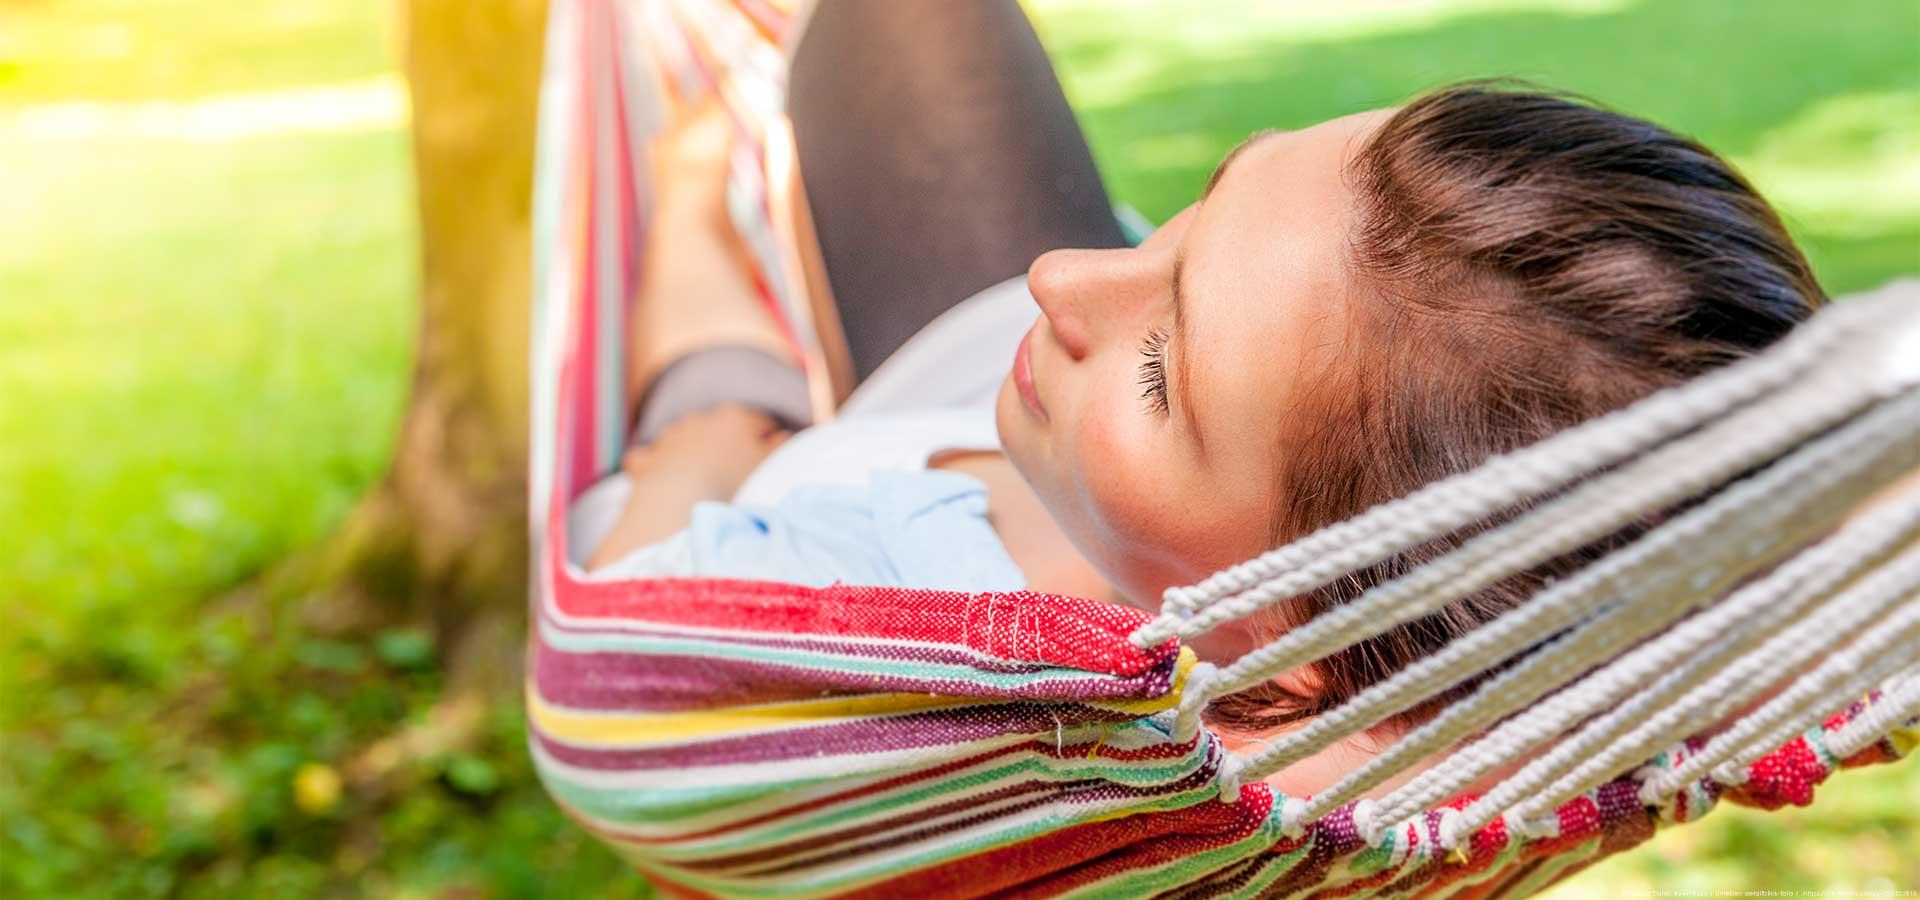 Frau entspannt im Garten in der Hängematte